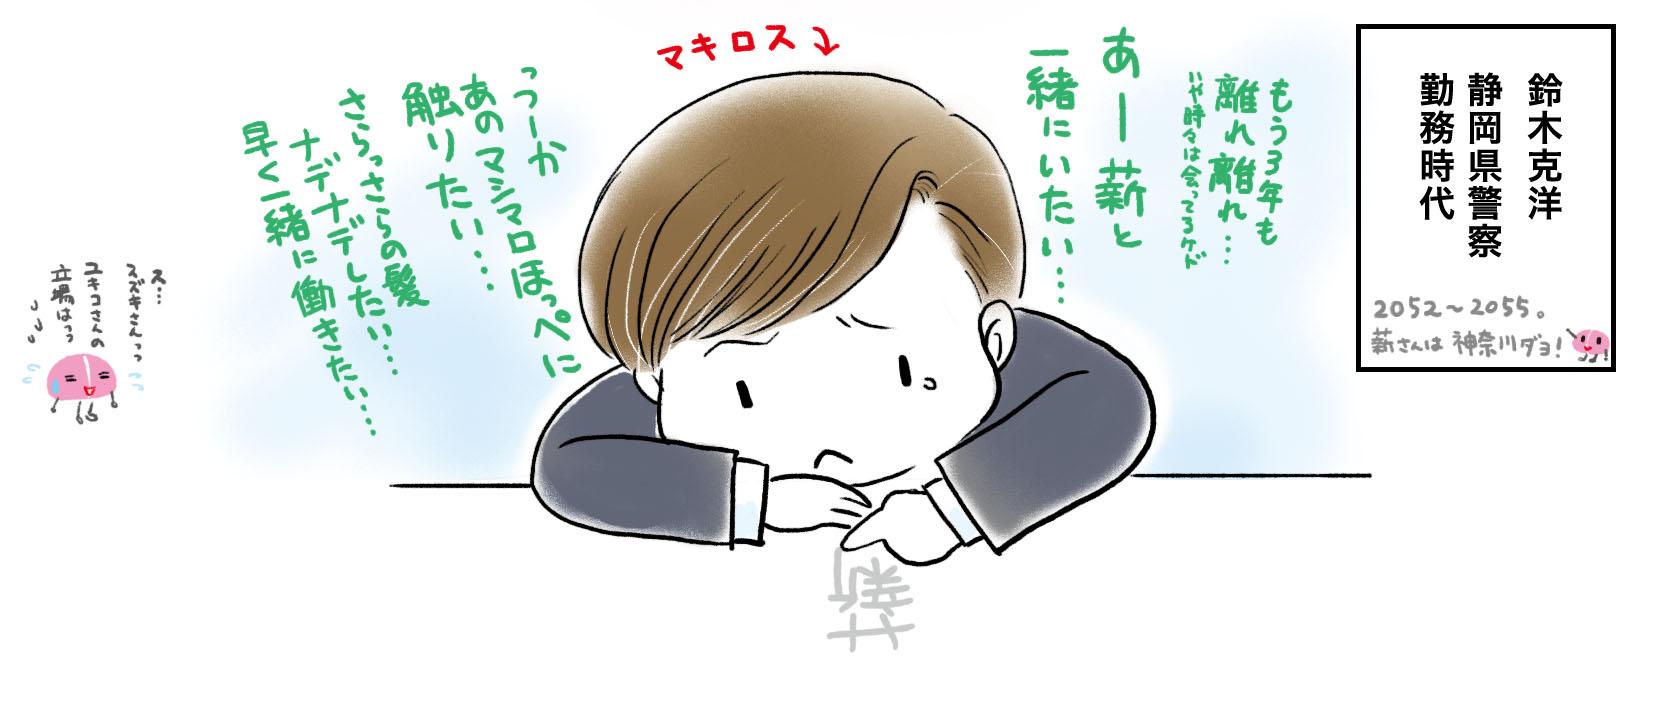 メロディ6月号の鈴木さん……をうけての静岡時代